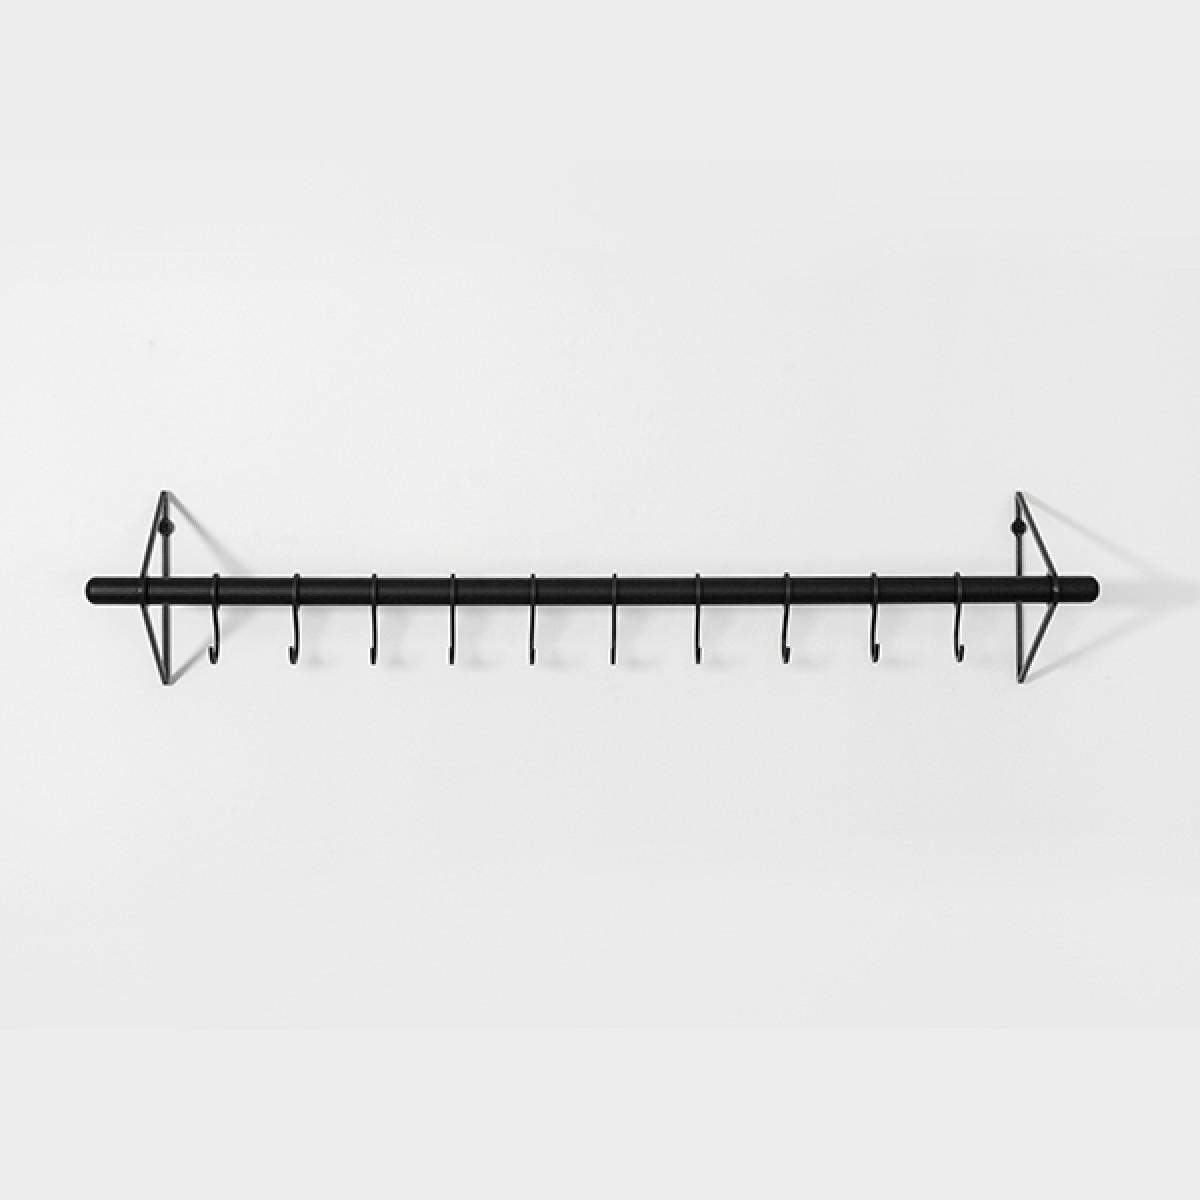 SOLID Flurgarderobe in Schwarz (schwarze Eichenholzstange) mit schwarzen Haken | Result Objects